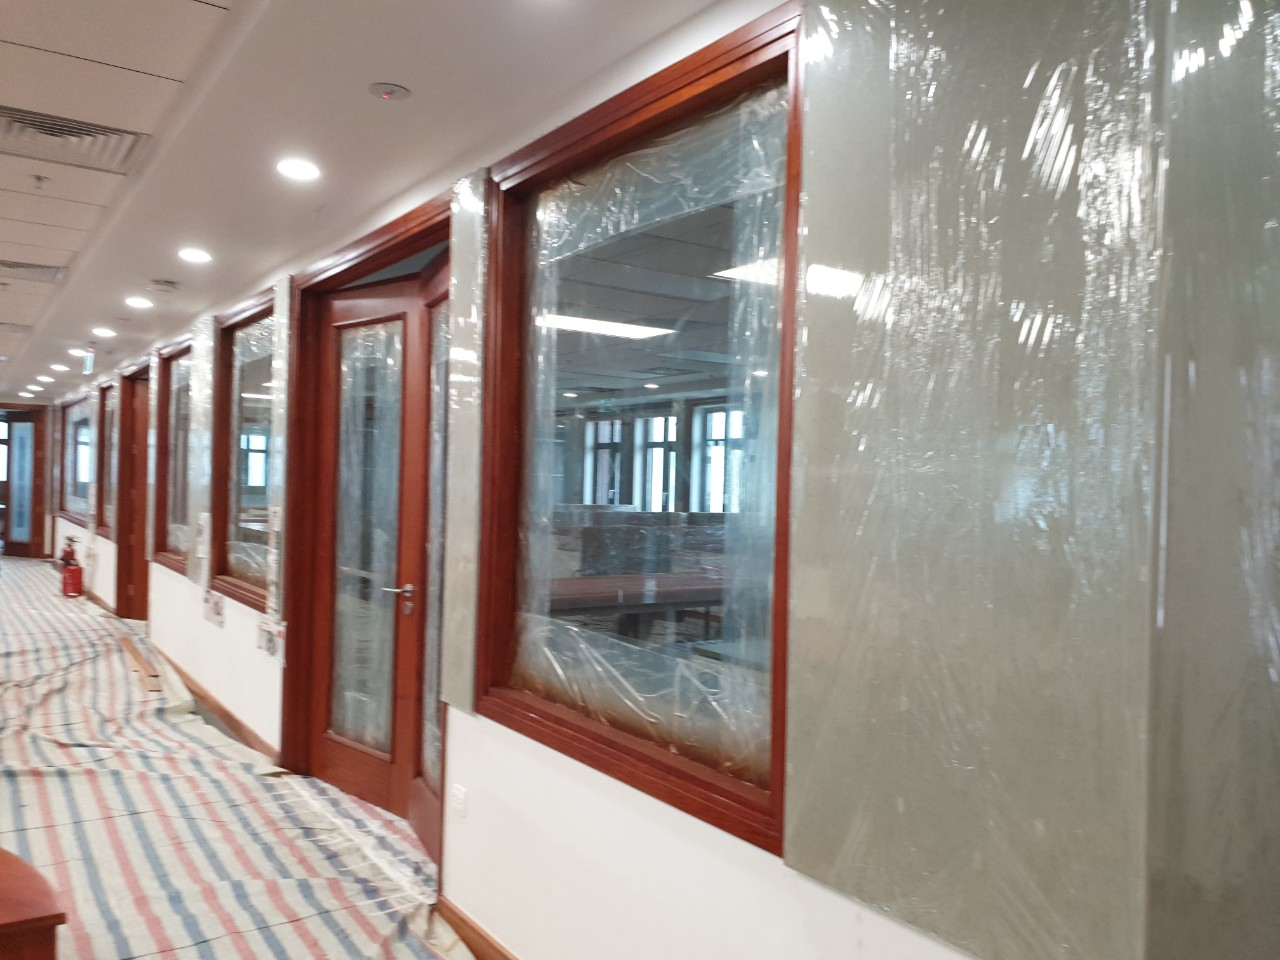 Vách ngăn các phòng làm việc kết hợp thạch cao, kính, bo nẹp gỗ tự nhiên